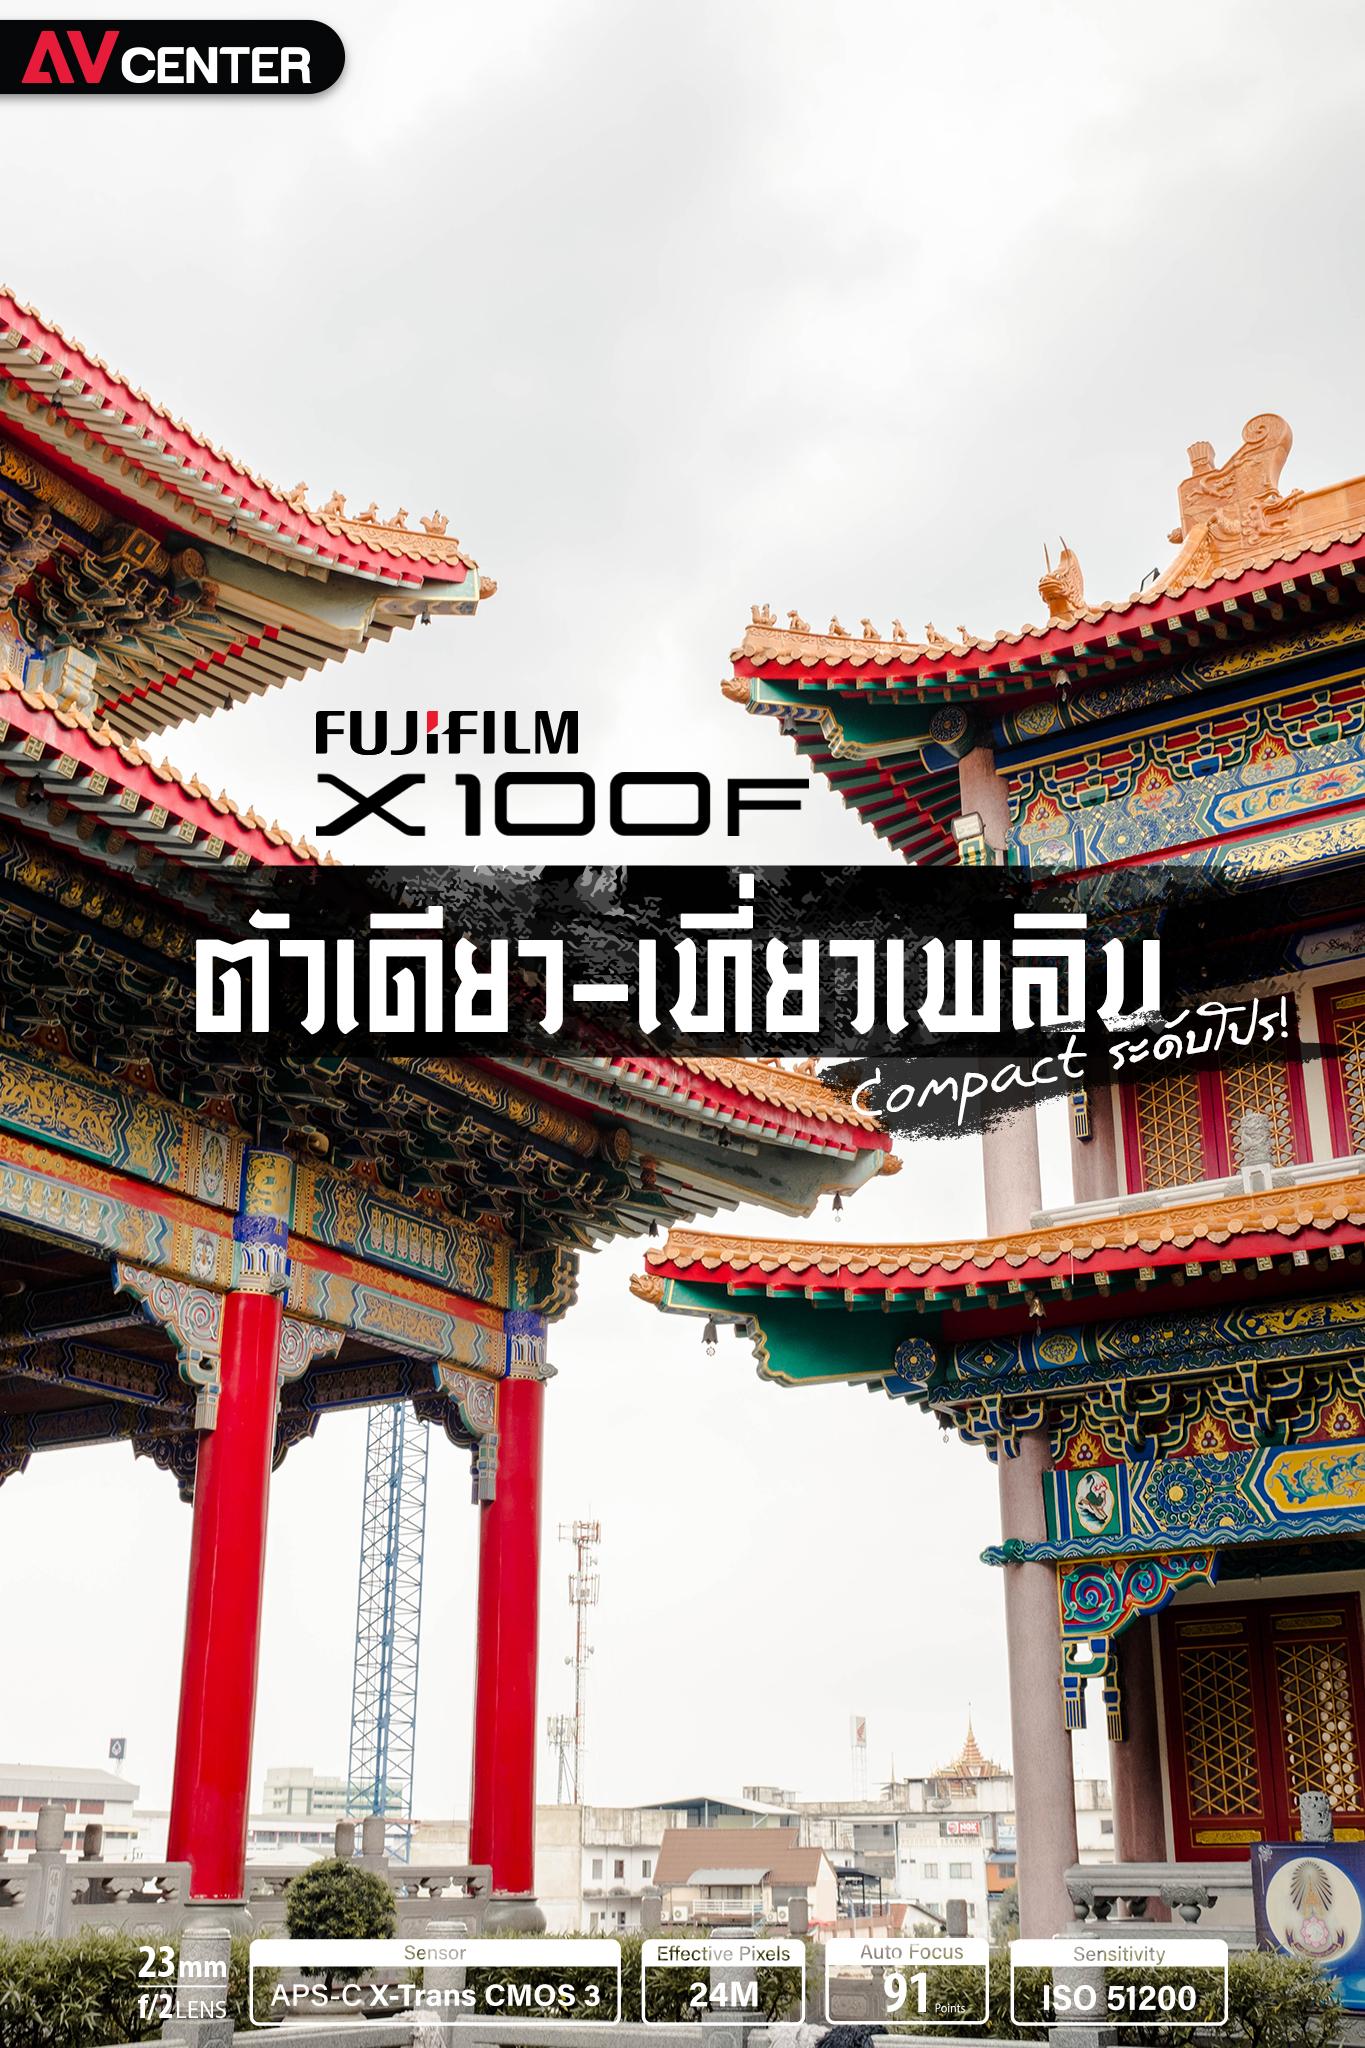 Fujifilm X100F @ Nonthaburi